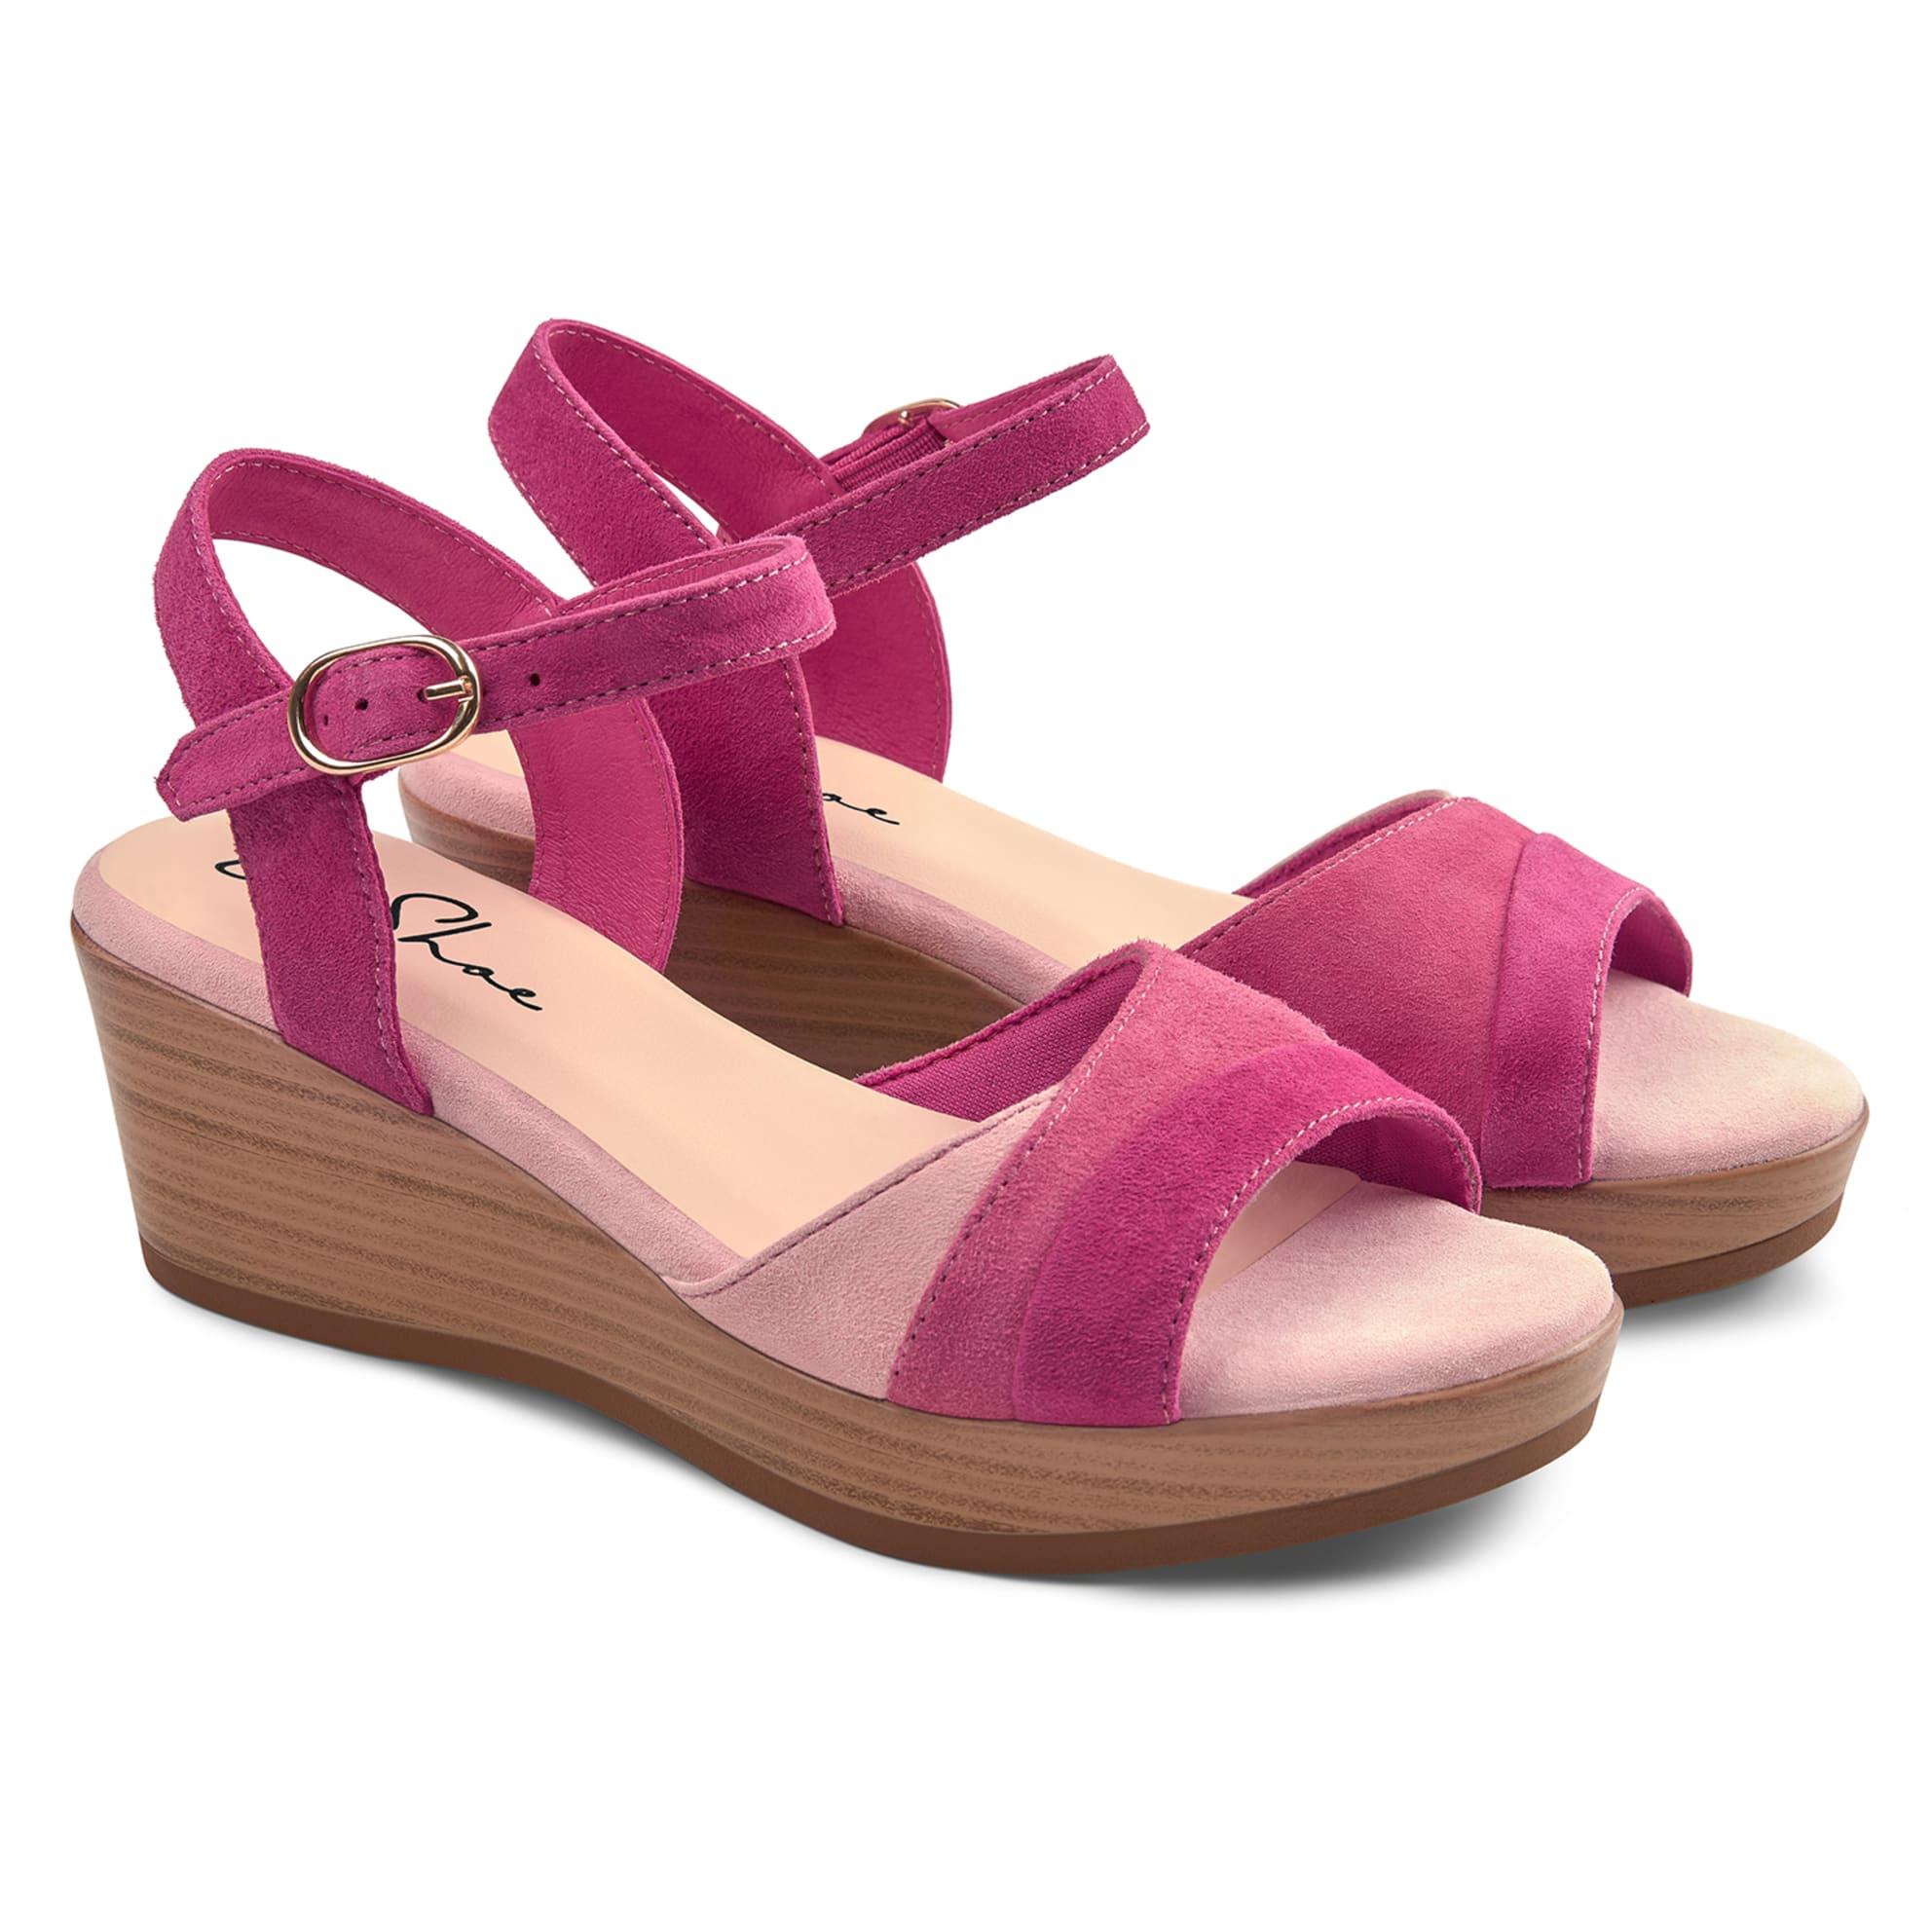 Sandale auf Keilabsatz Pink – modischer und bequemer Schuh für Hallux valgus und empfindliche Füße von LaShoe.de